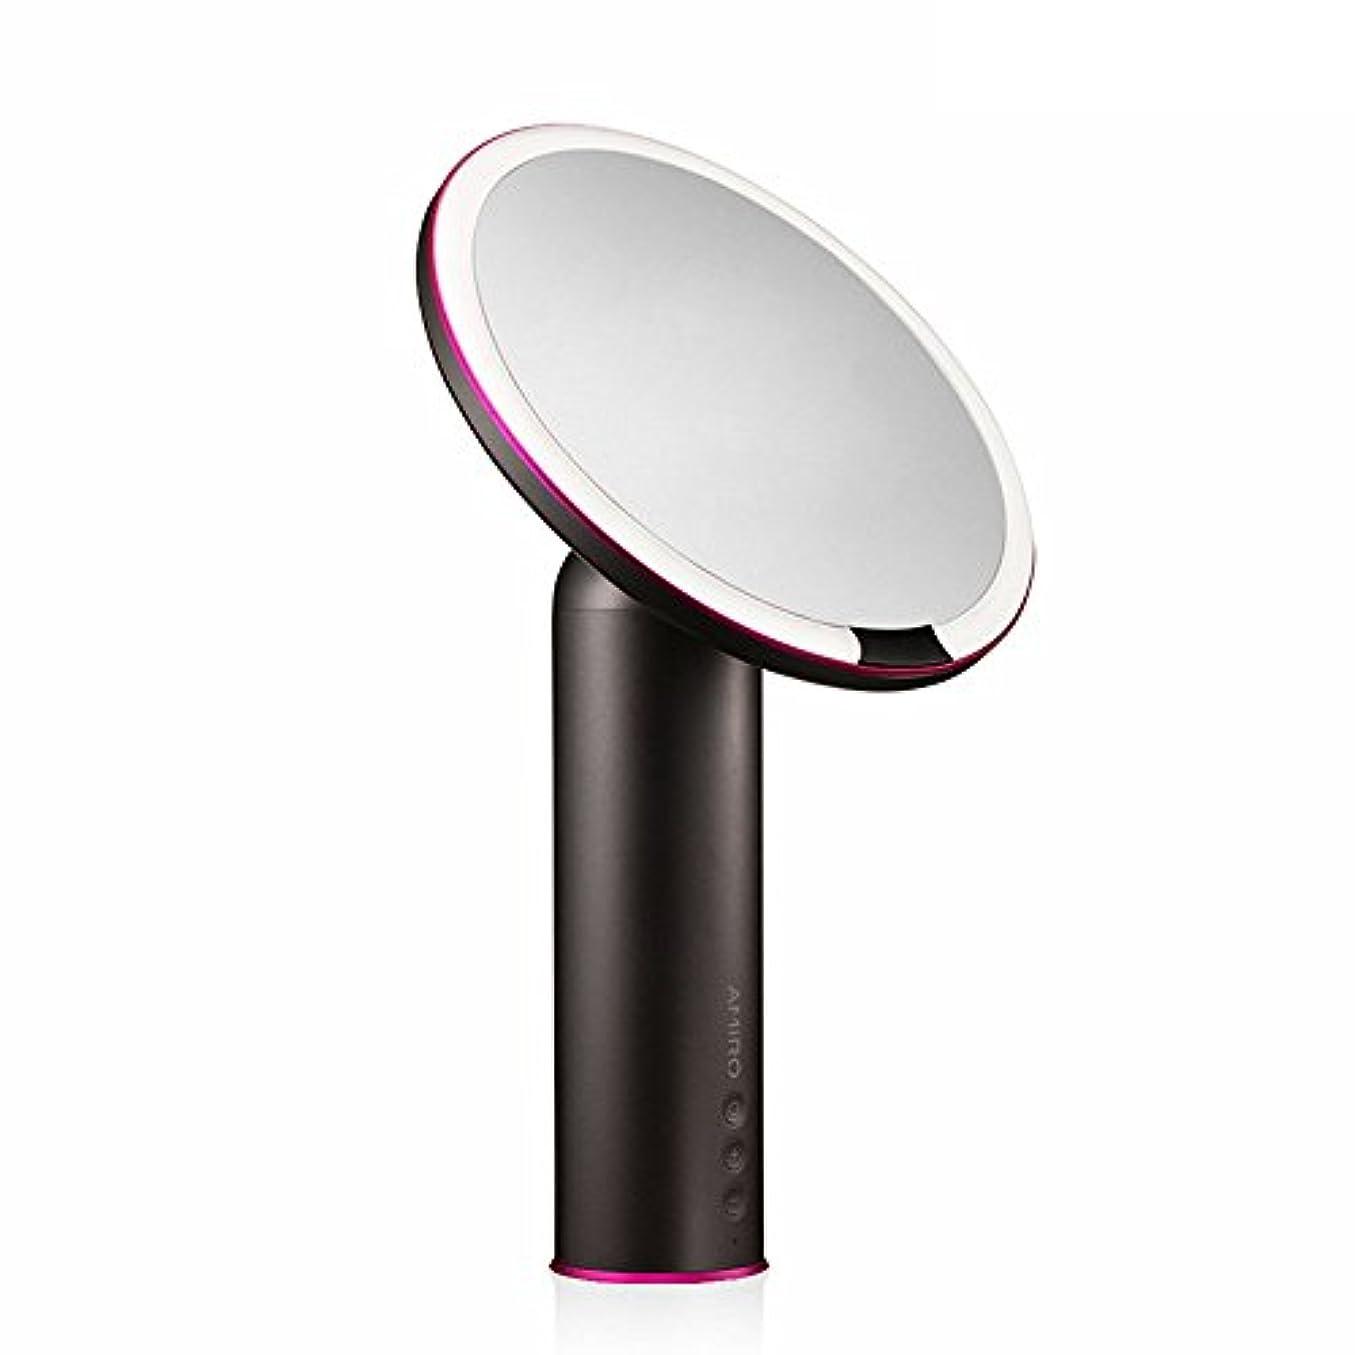 鑑定キャンバスブレーキAMIRO センサー化粧鏡 化粧ミラー LEDライト付き 卓上鏡 女優ミラー 3段階明るさ調節可能 コードレス 充電式